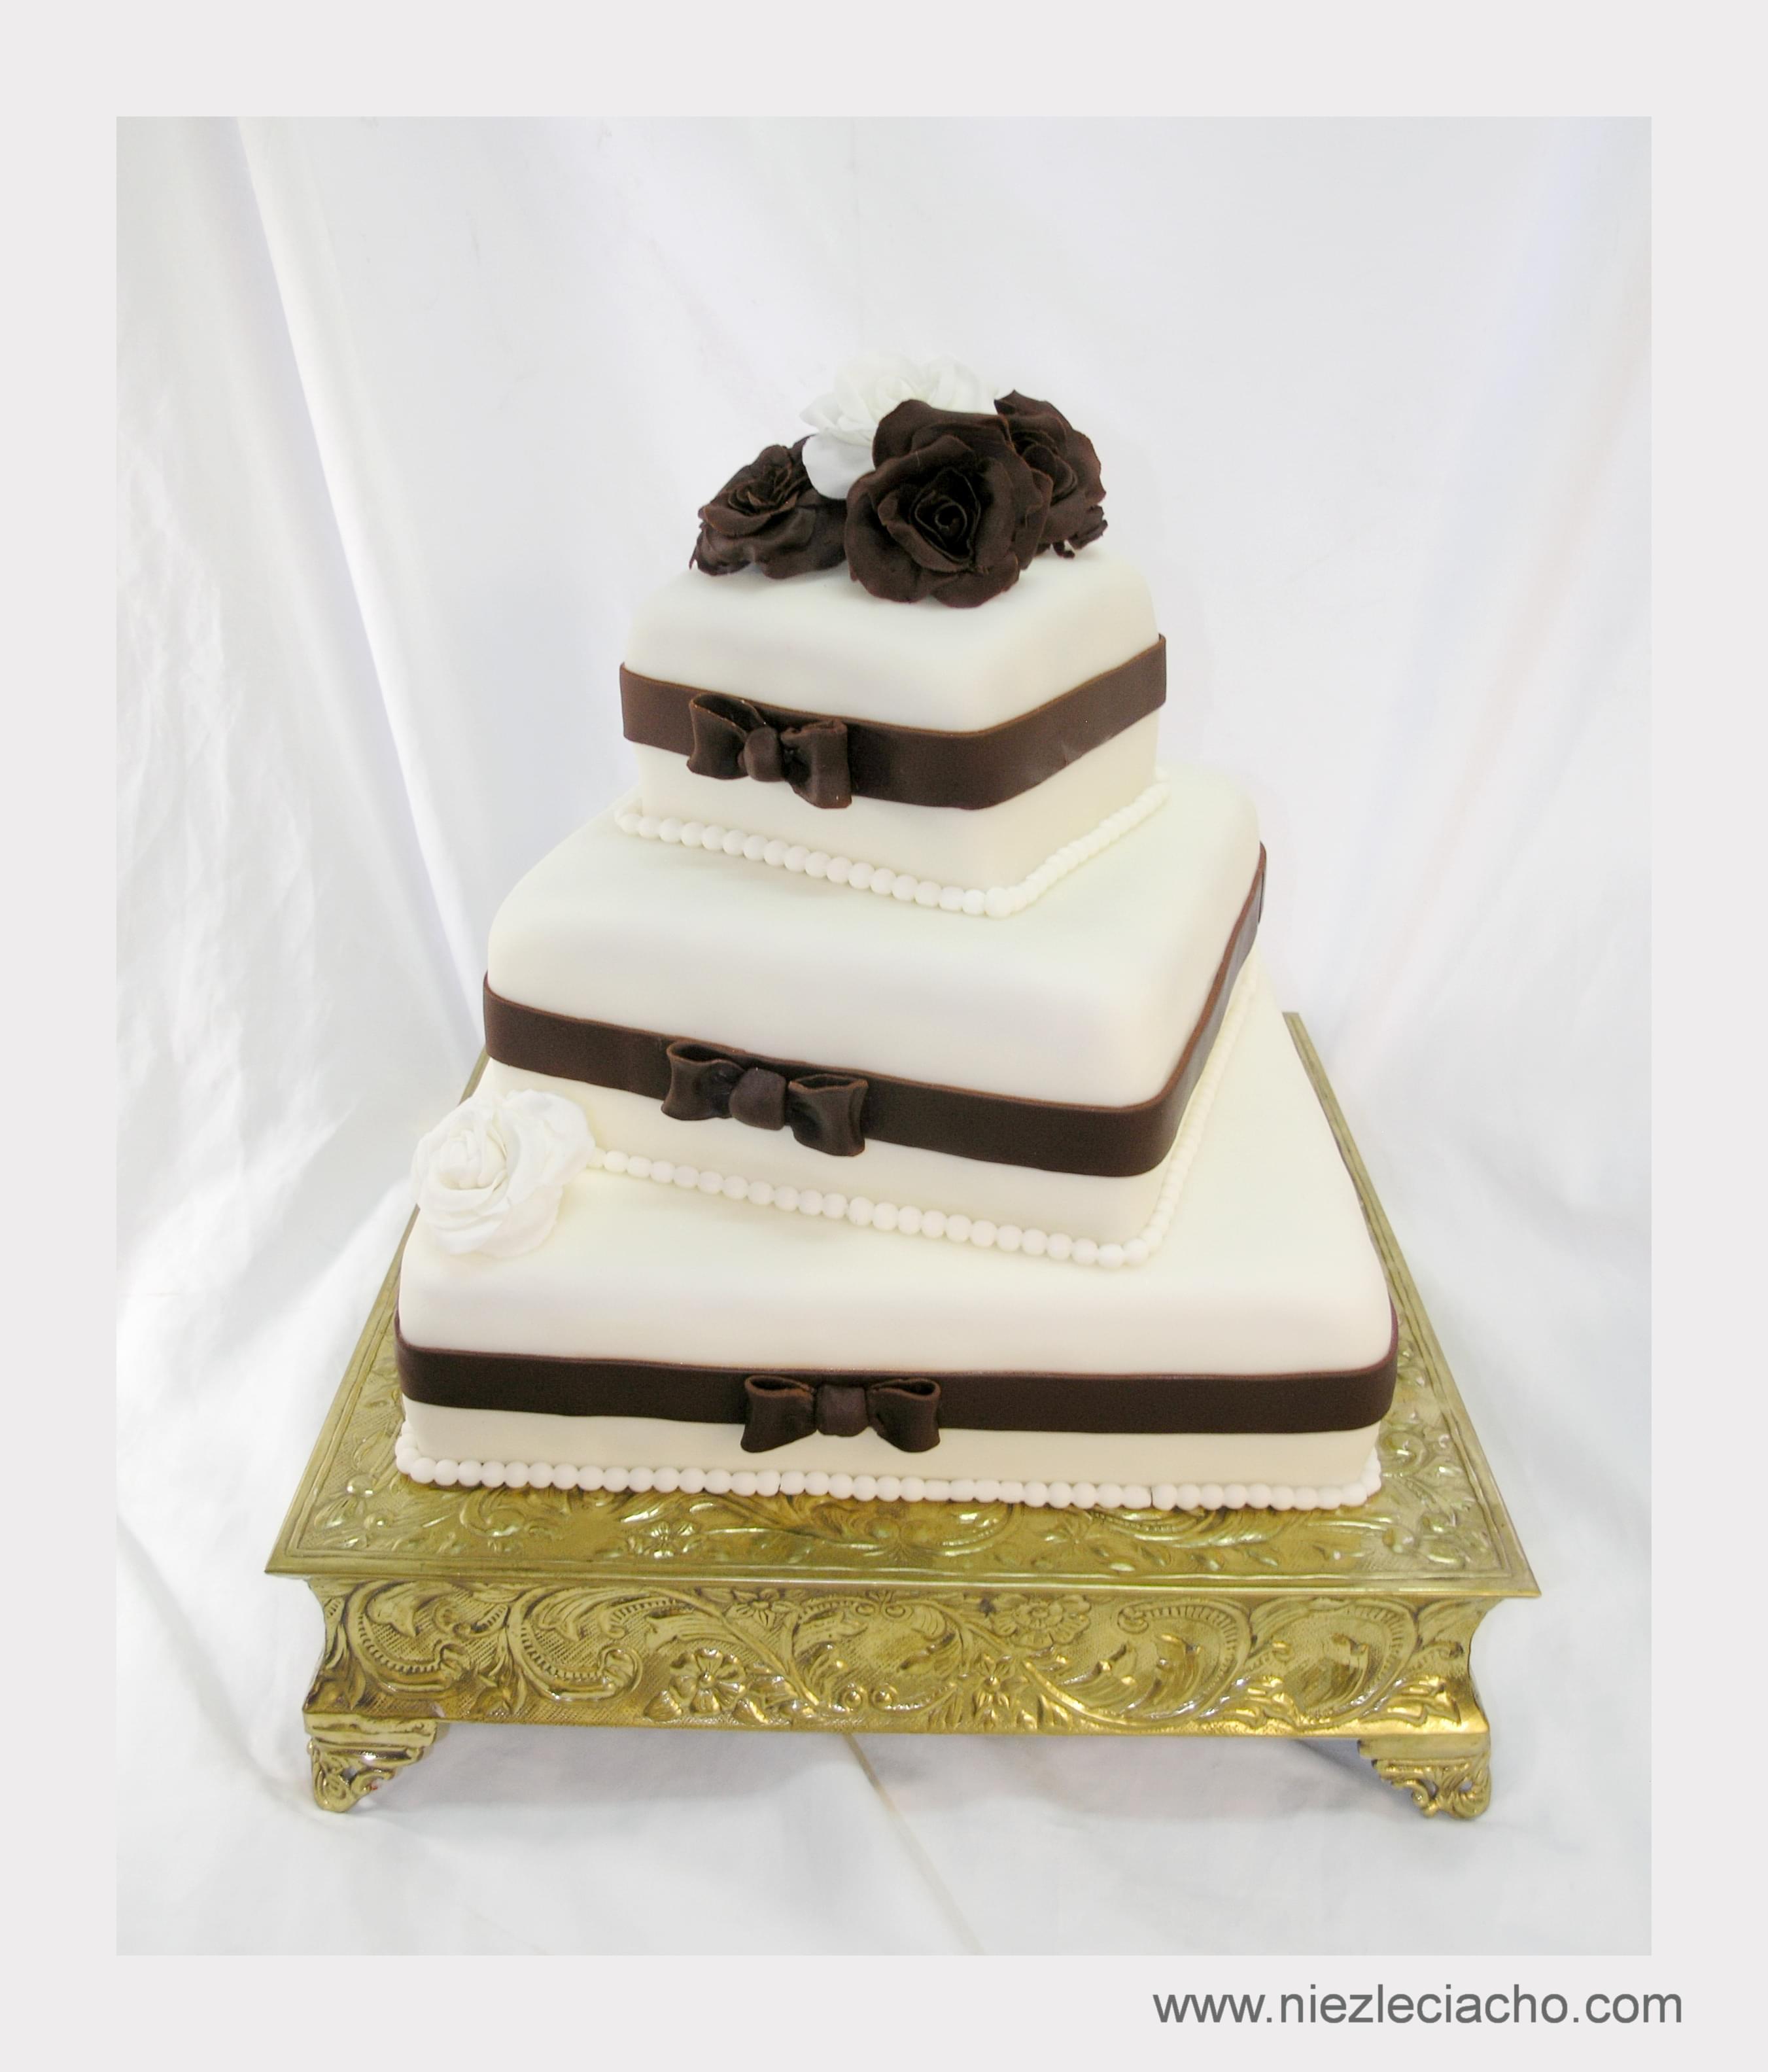 złoty artystyczny tort dobiony dekorowany ślub wesele 2013 moda trendy jaki tort co zamiast tortu